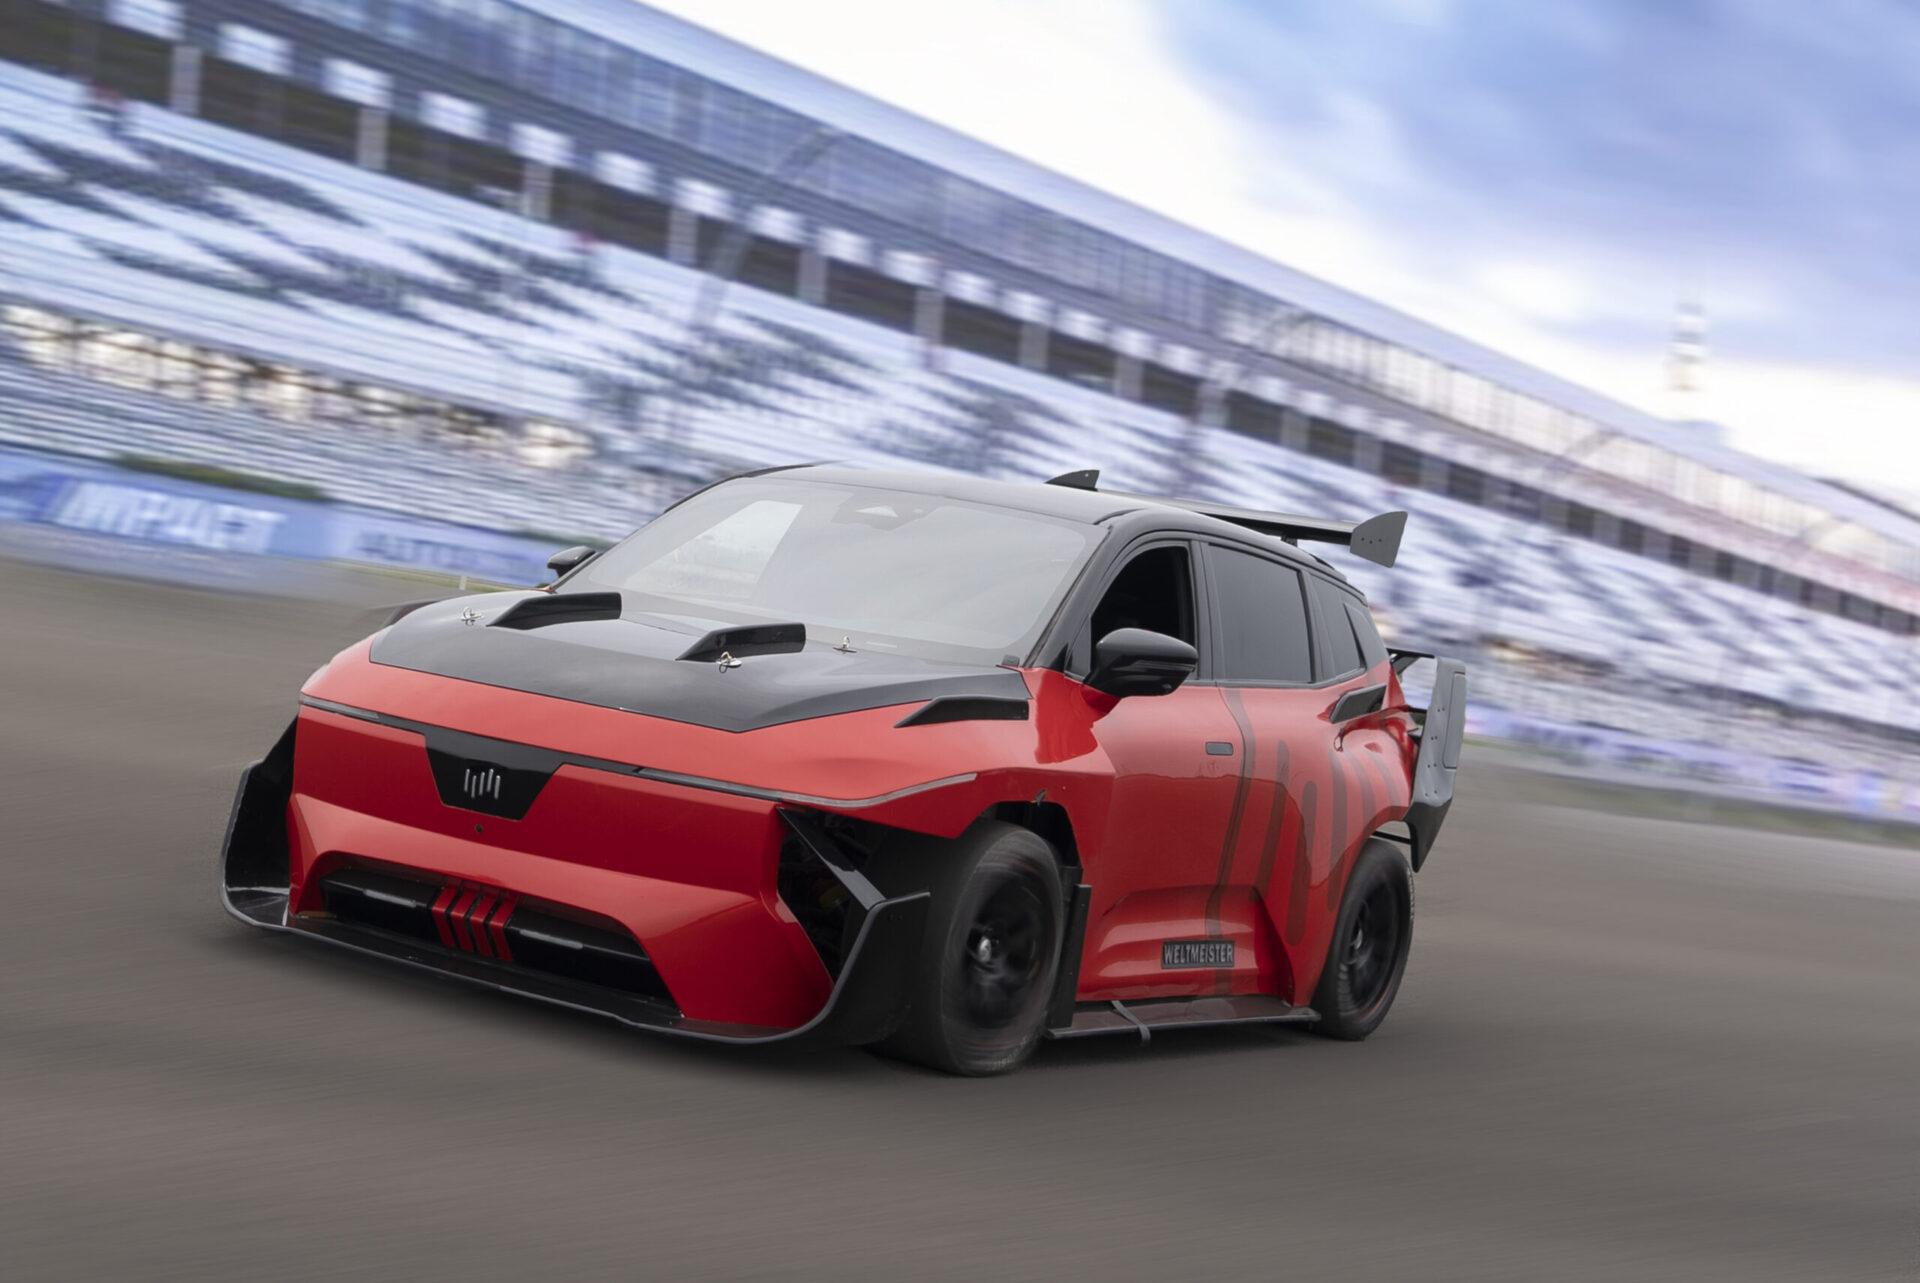 Гоночный электромобиль Weltmeister сможет набрать «сотню» за 1,8 секунды